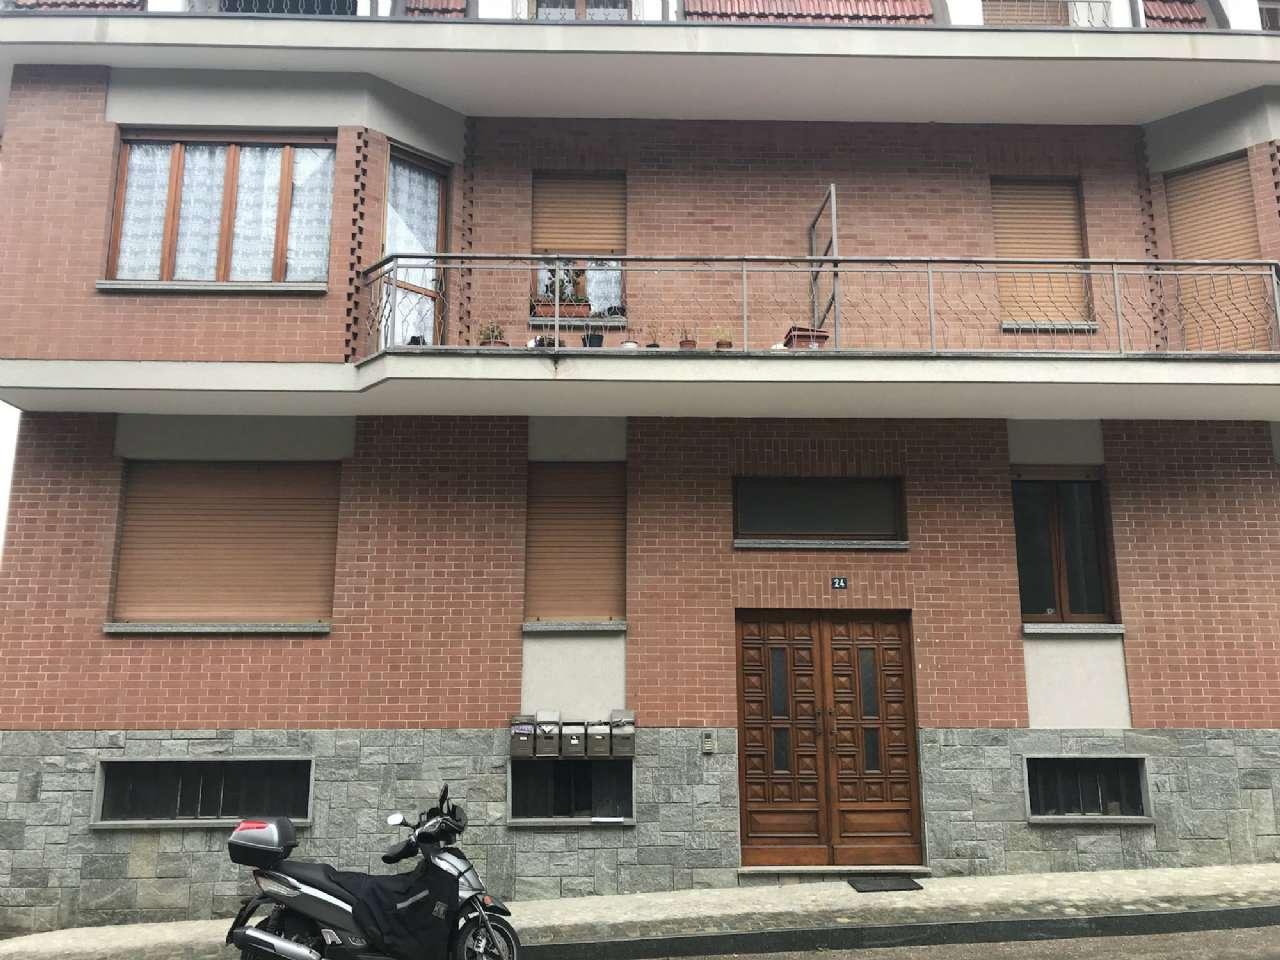 Appartamento in affitto a Moncucco Torinese, 3 locali, prezzo € 400 | CambioCasa.it